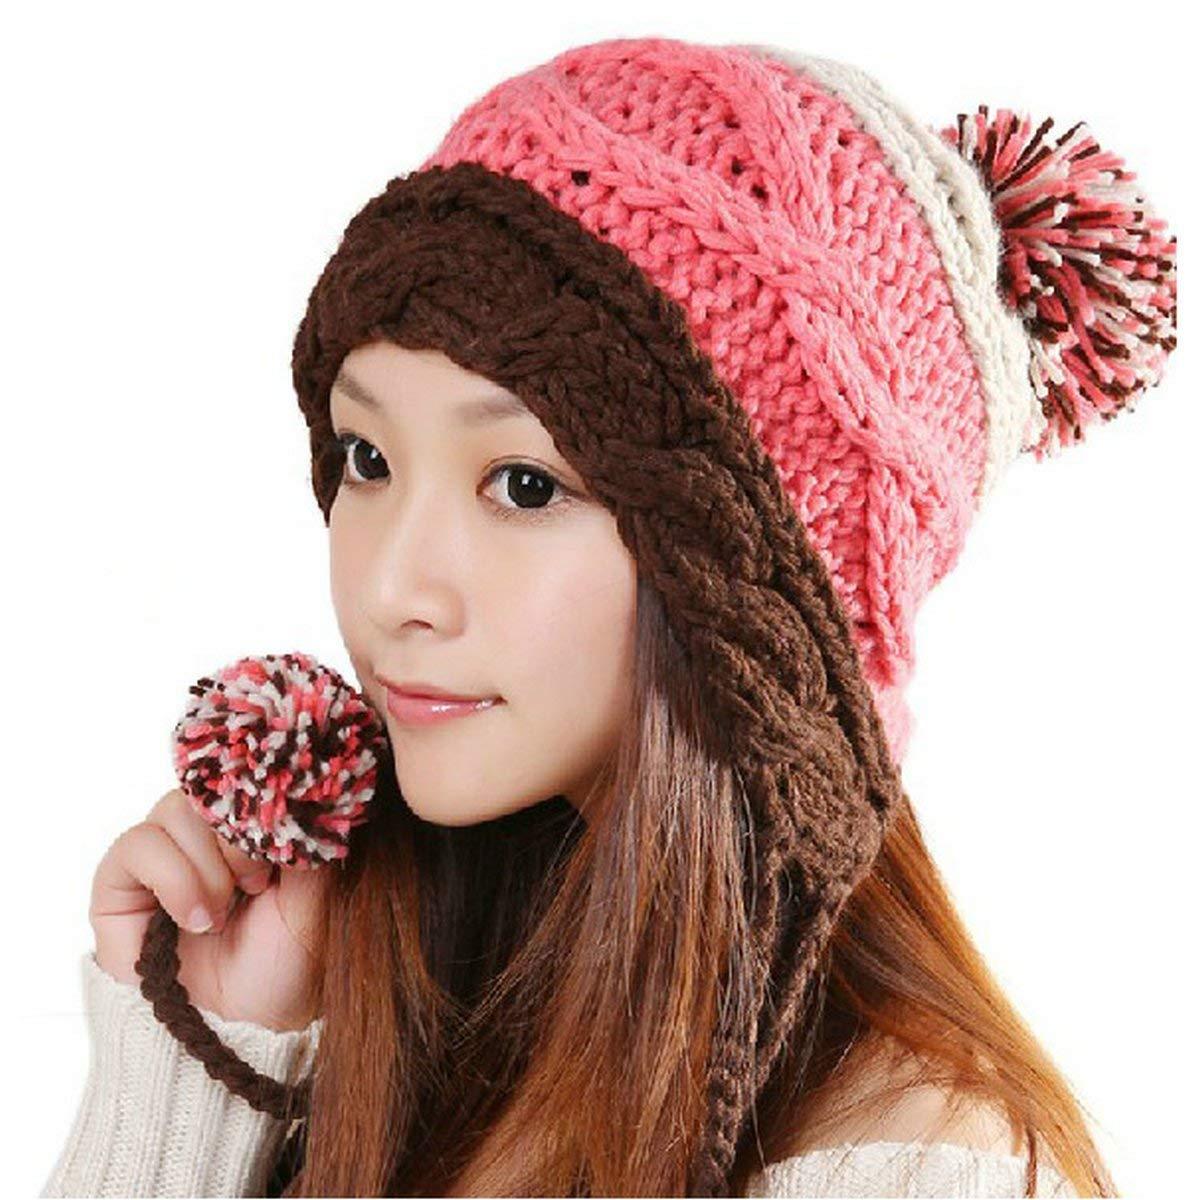 6758f3c0c68 Get Quotations · Joyci Christmas Girls Thick Warm Knit Pom Pom Hat Ear Flap  Beanie Ski Winter